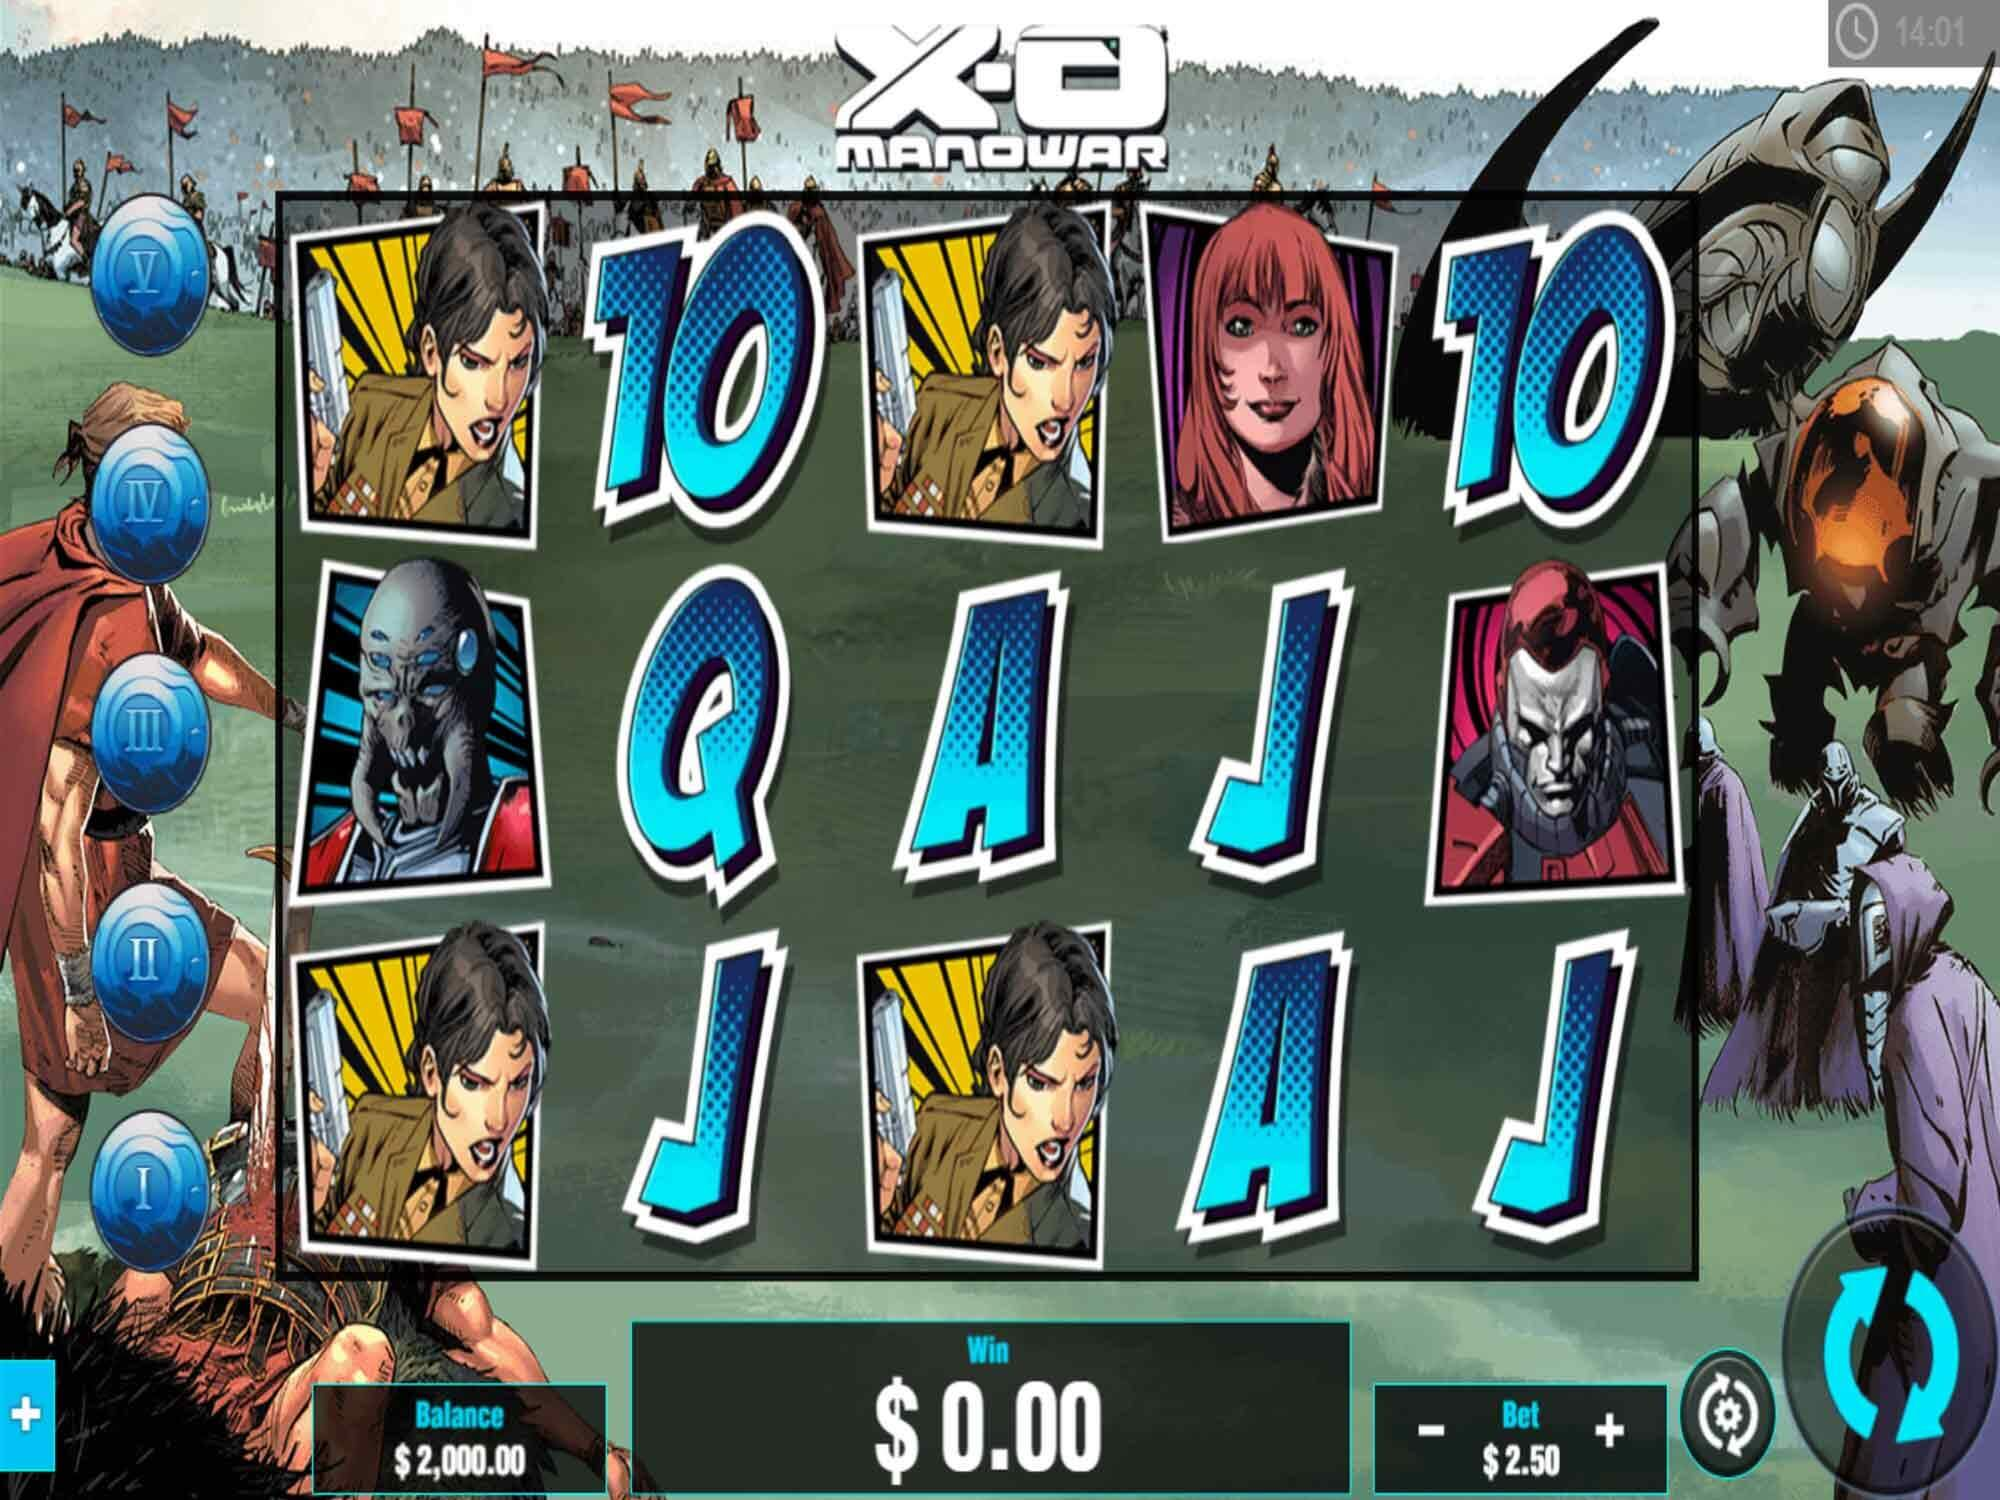 Xo Manowar Gameplay